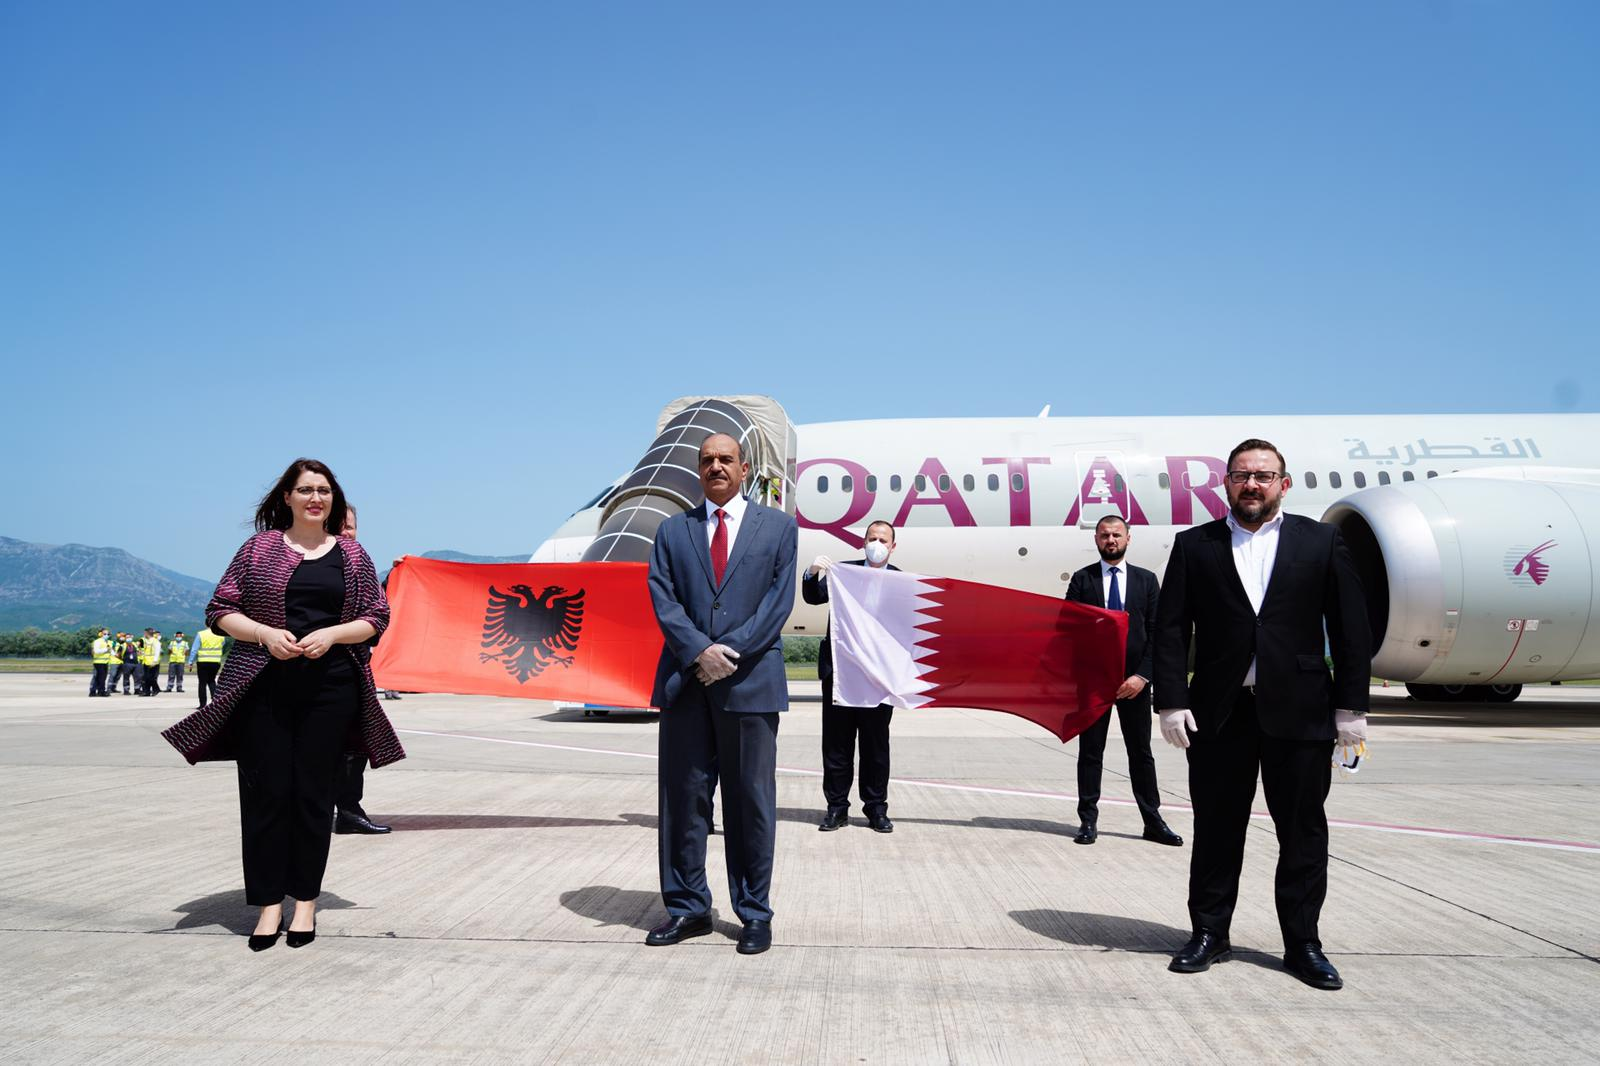 وصول شحنة مساعدات طبية عاجلة إلى ألبانيا